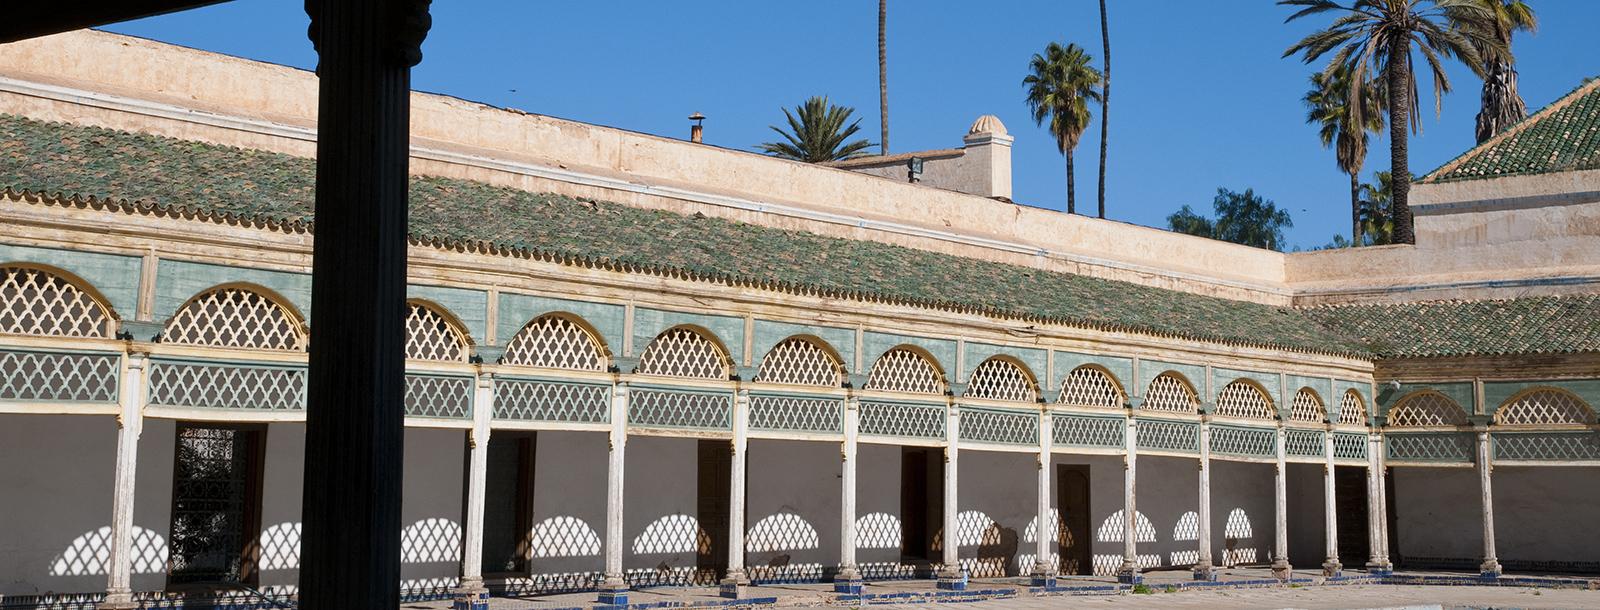 MARRAKECH-palais-Bahia